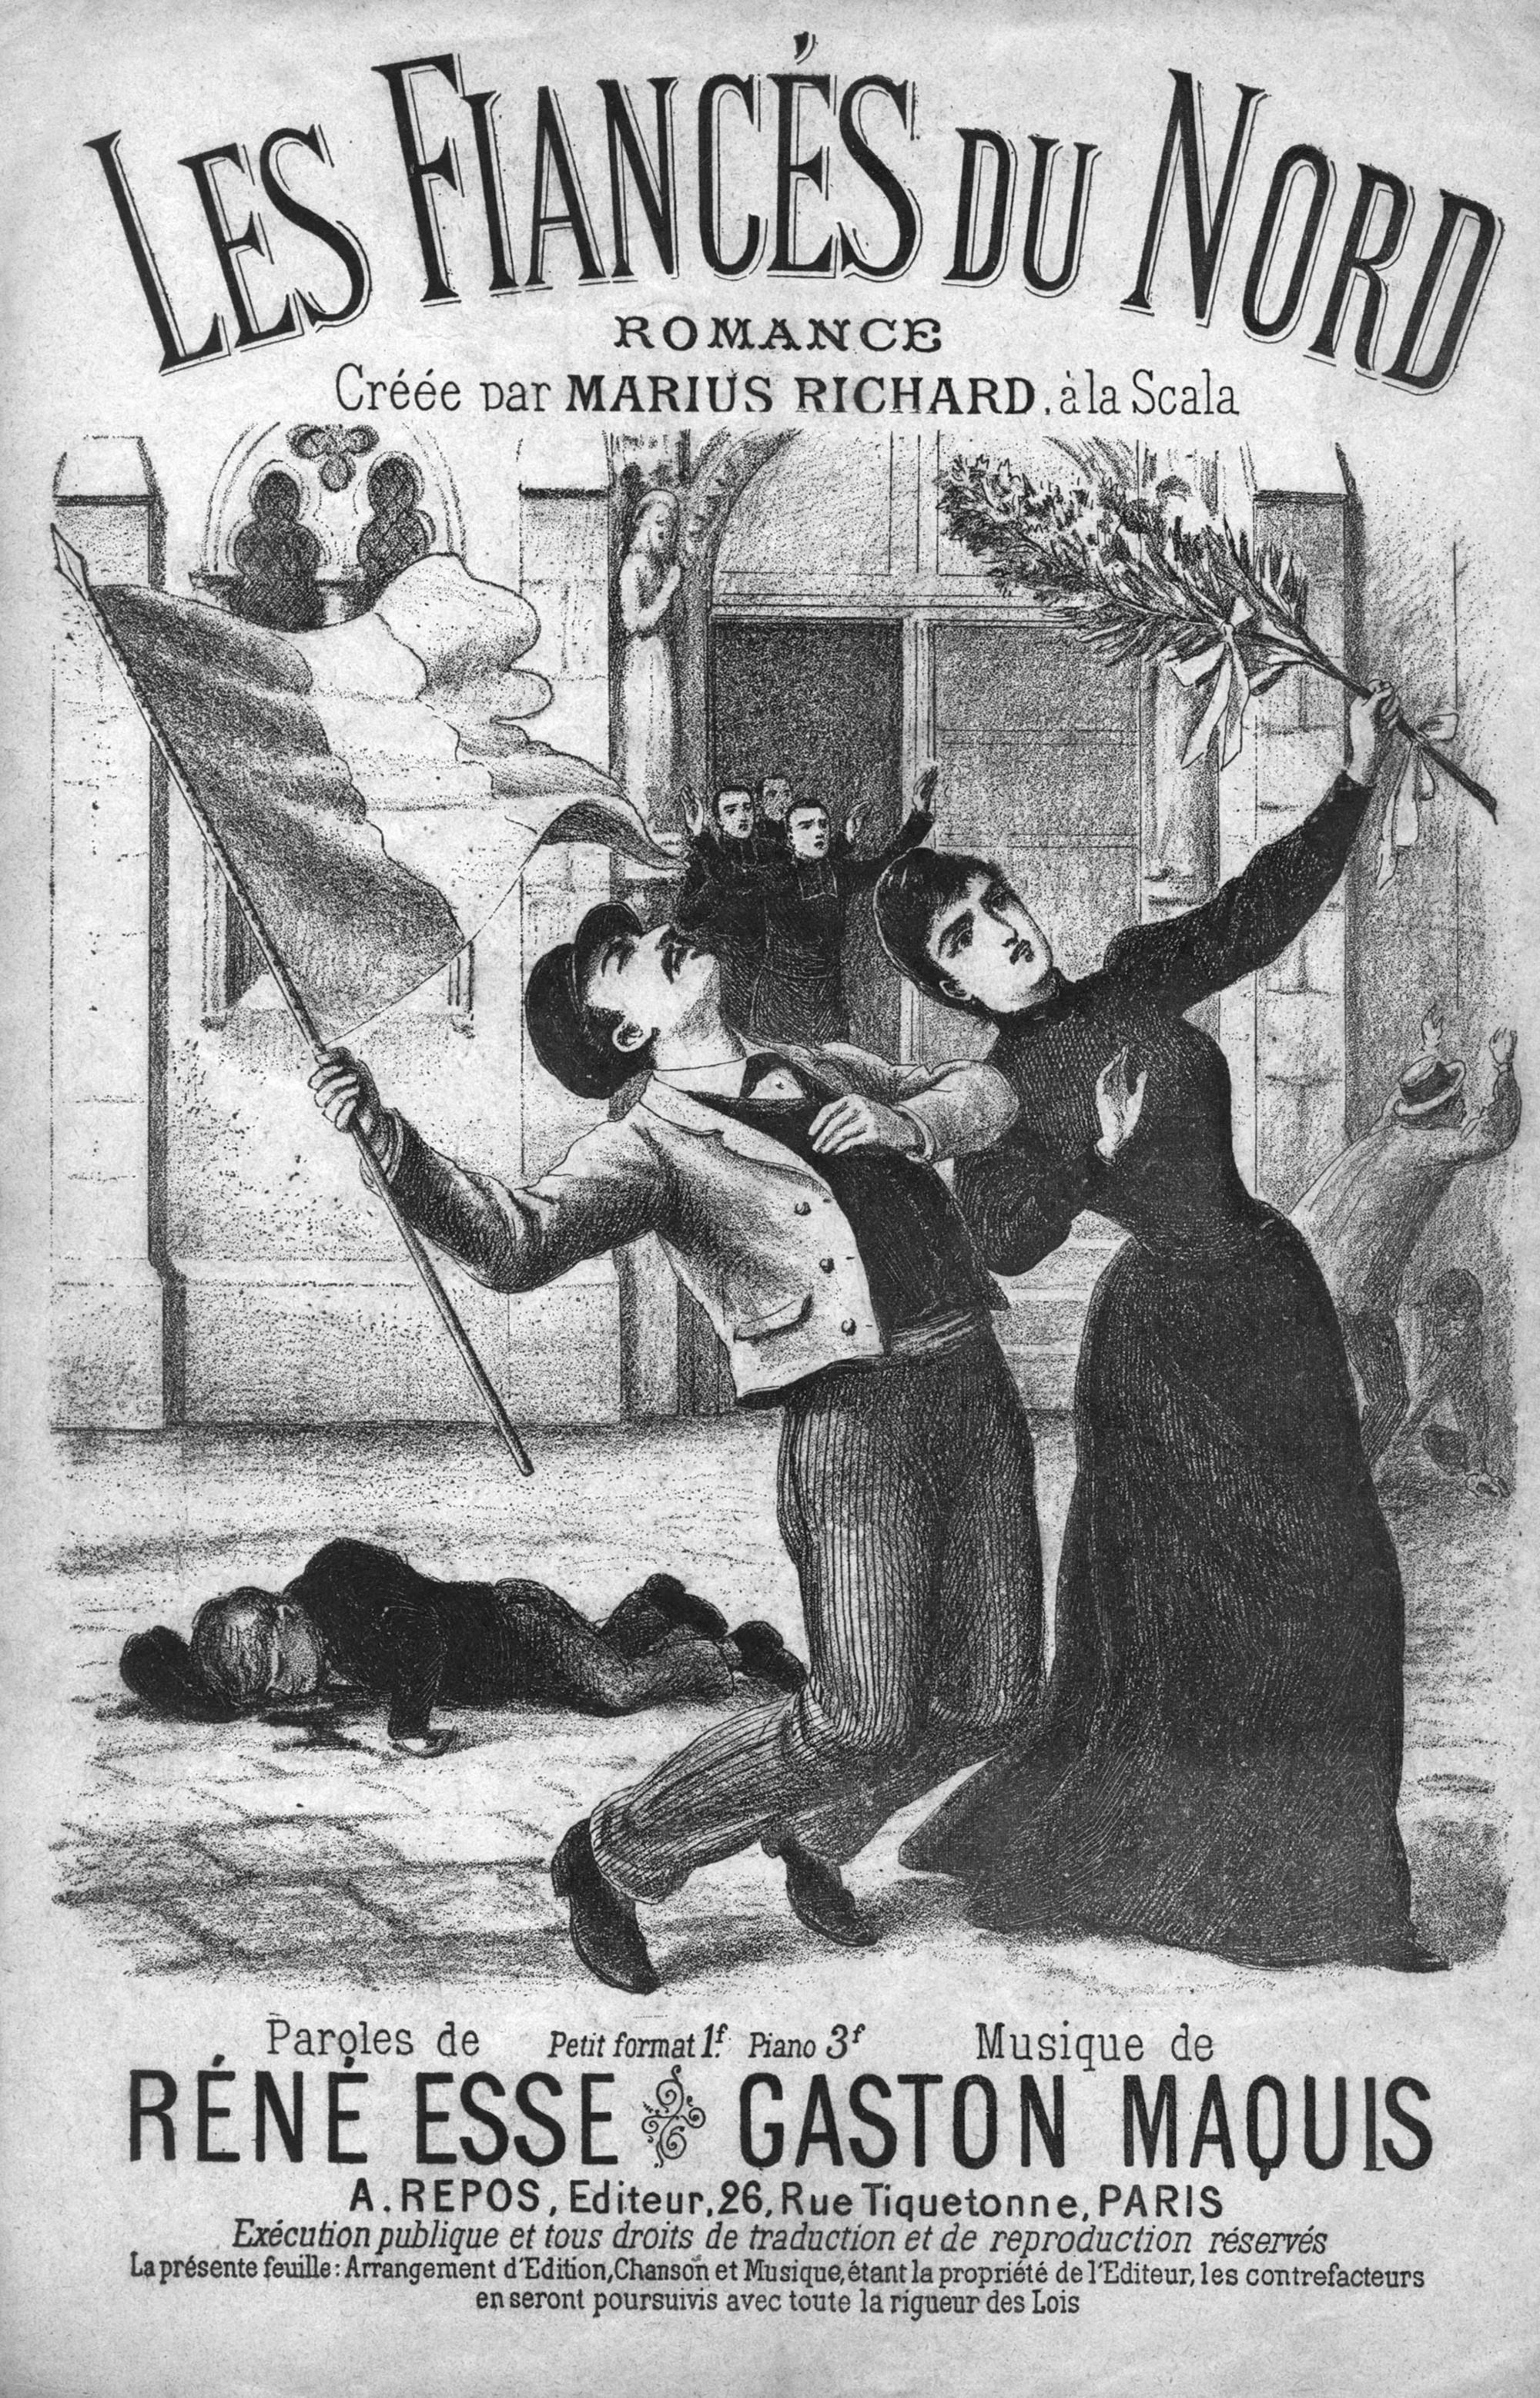 Anonyme, illustration de la chanson Les Fiancés du Nord, 1891